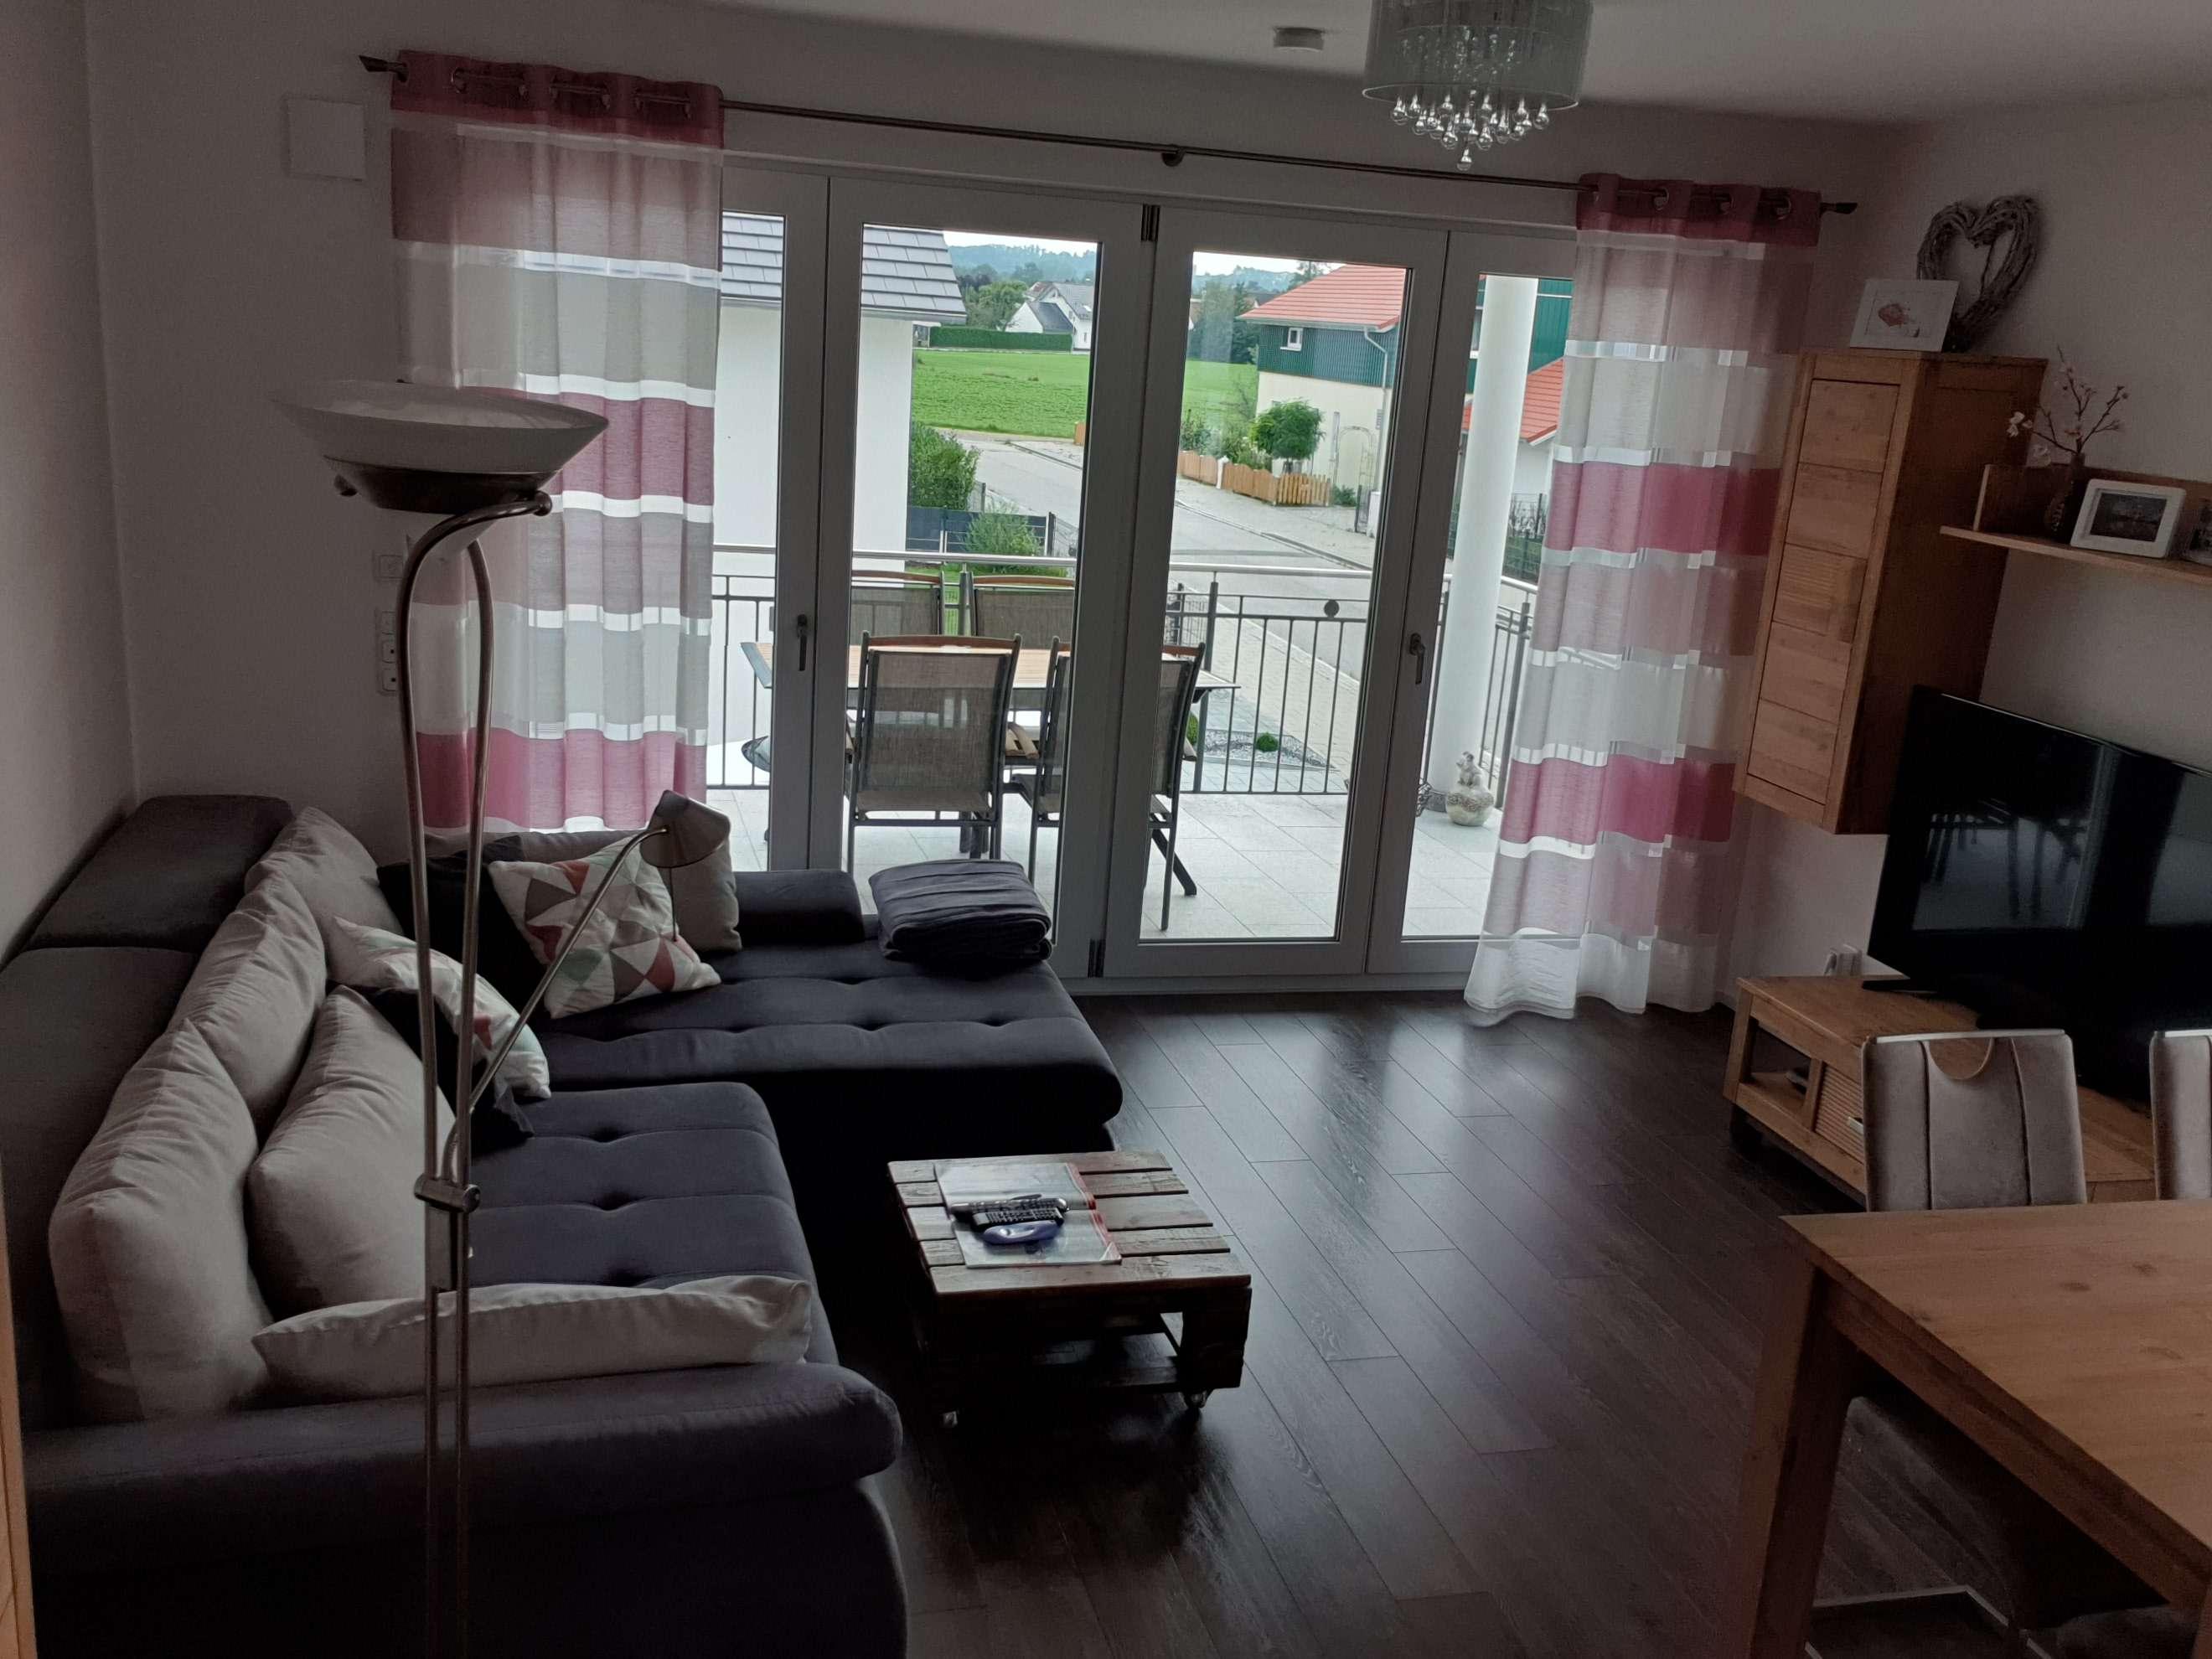 Traumhafte 5-Zimmer-Wohnung mit Balkon im Süden von Mühldorf am Inn in Mühldorf am Inn